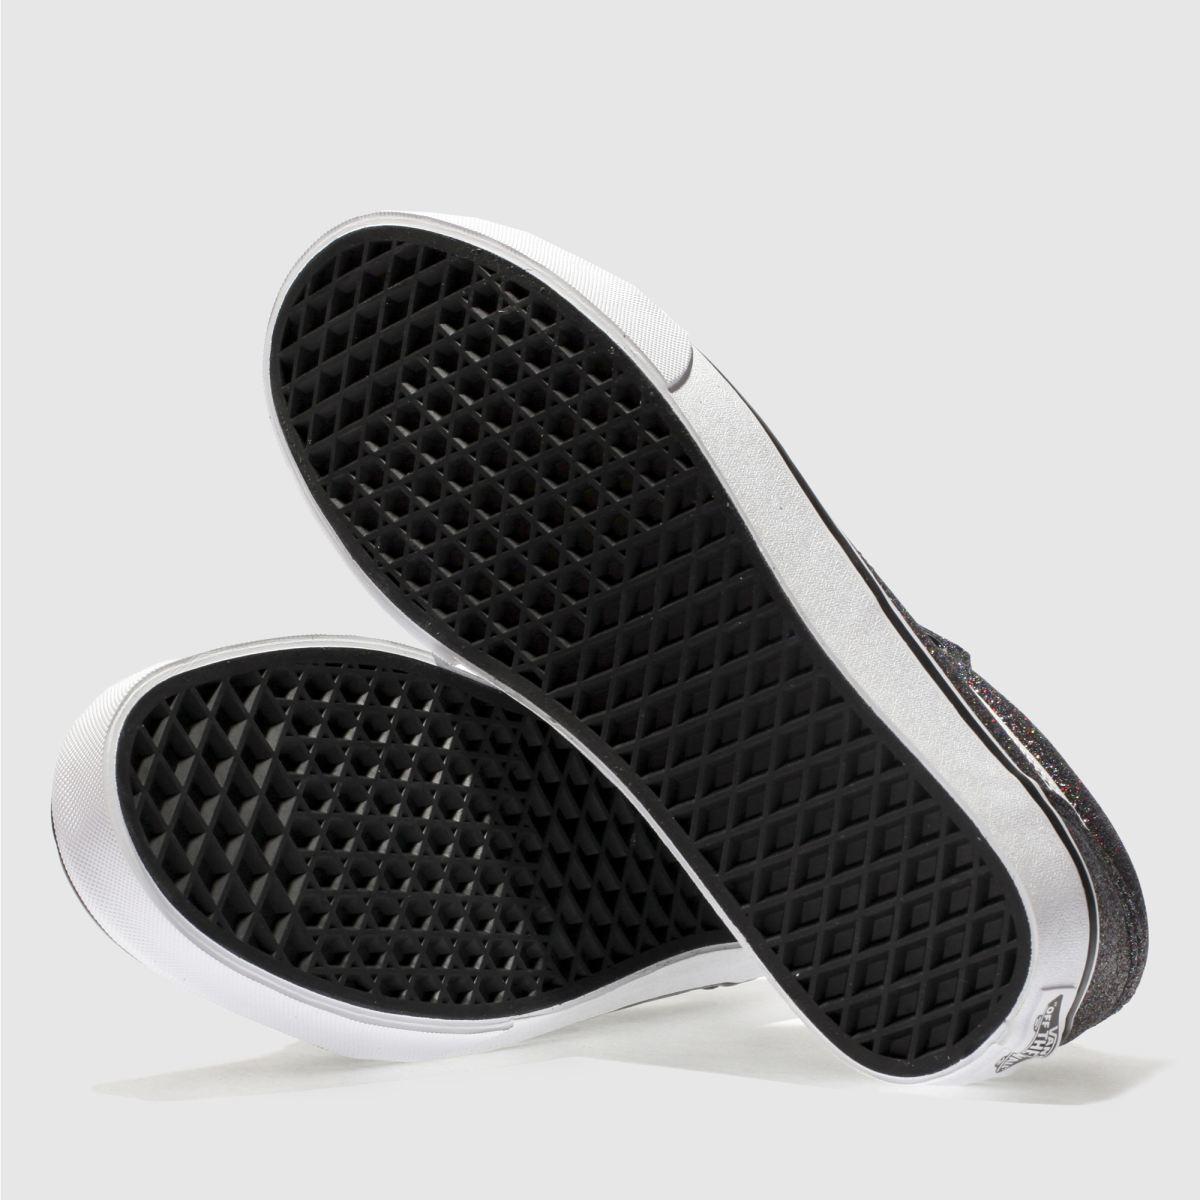 Damen Schwarz-grün vans Old Skool Sneaker   Schuhe schuh Gute Qualität beliebte Schuhe   a0deae